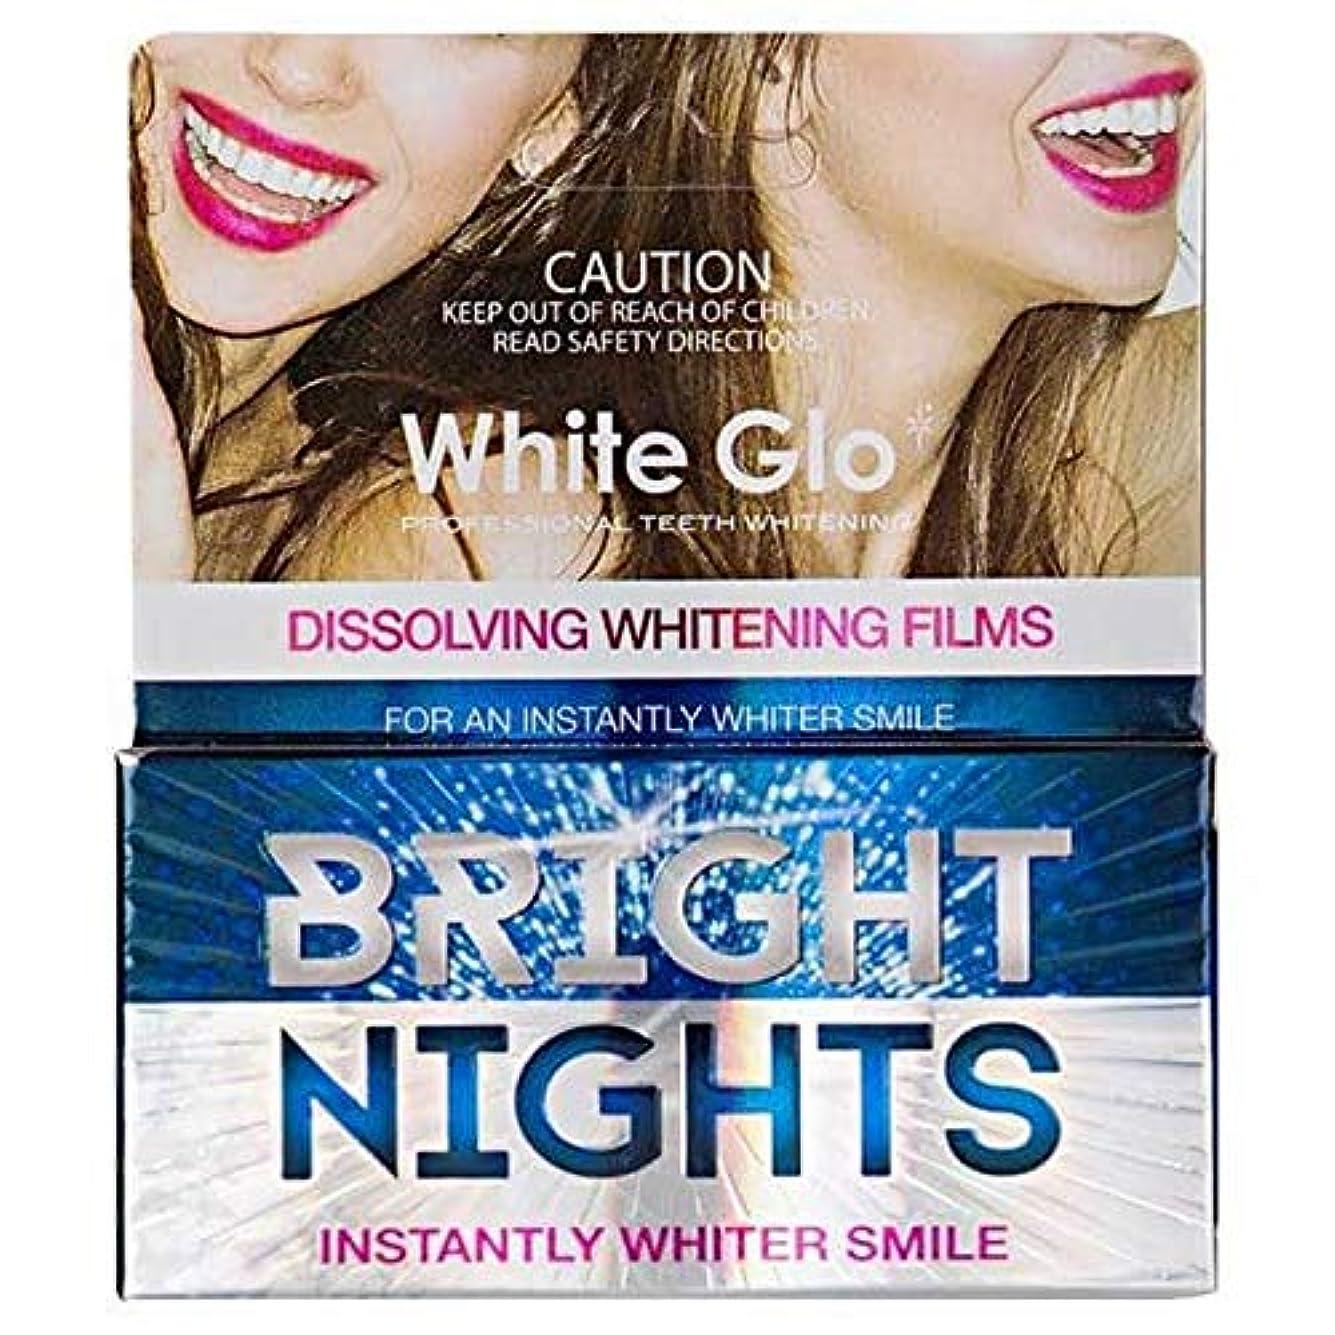 ペチュランス幻影大宇宙[White Glo] 白色Glo明るい夜白色フィルム(非過酸化物) - White Glo Bright Nights White Films (Non-Peroxide) [並行輸入品]